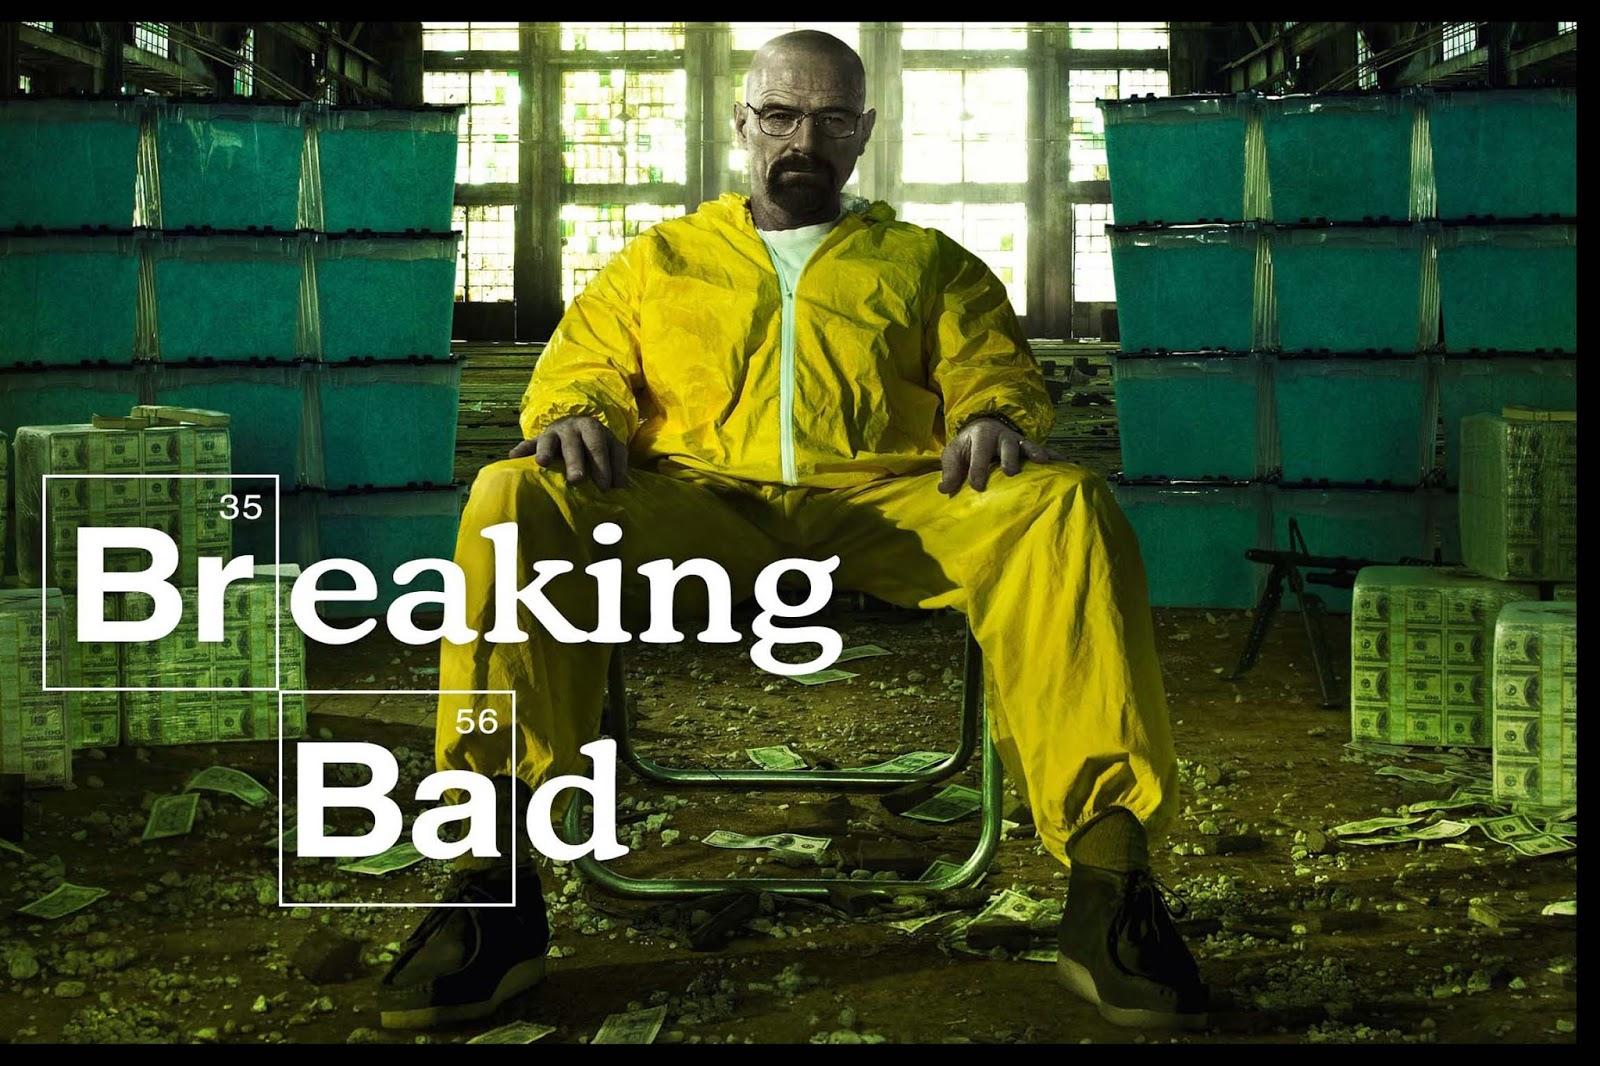 Risultato immagine per breaking bad